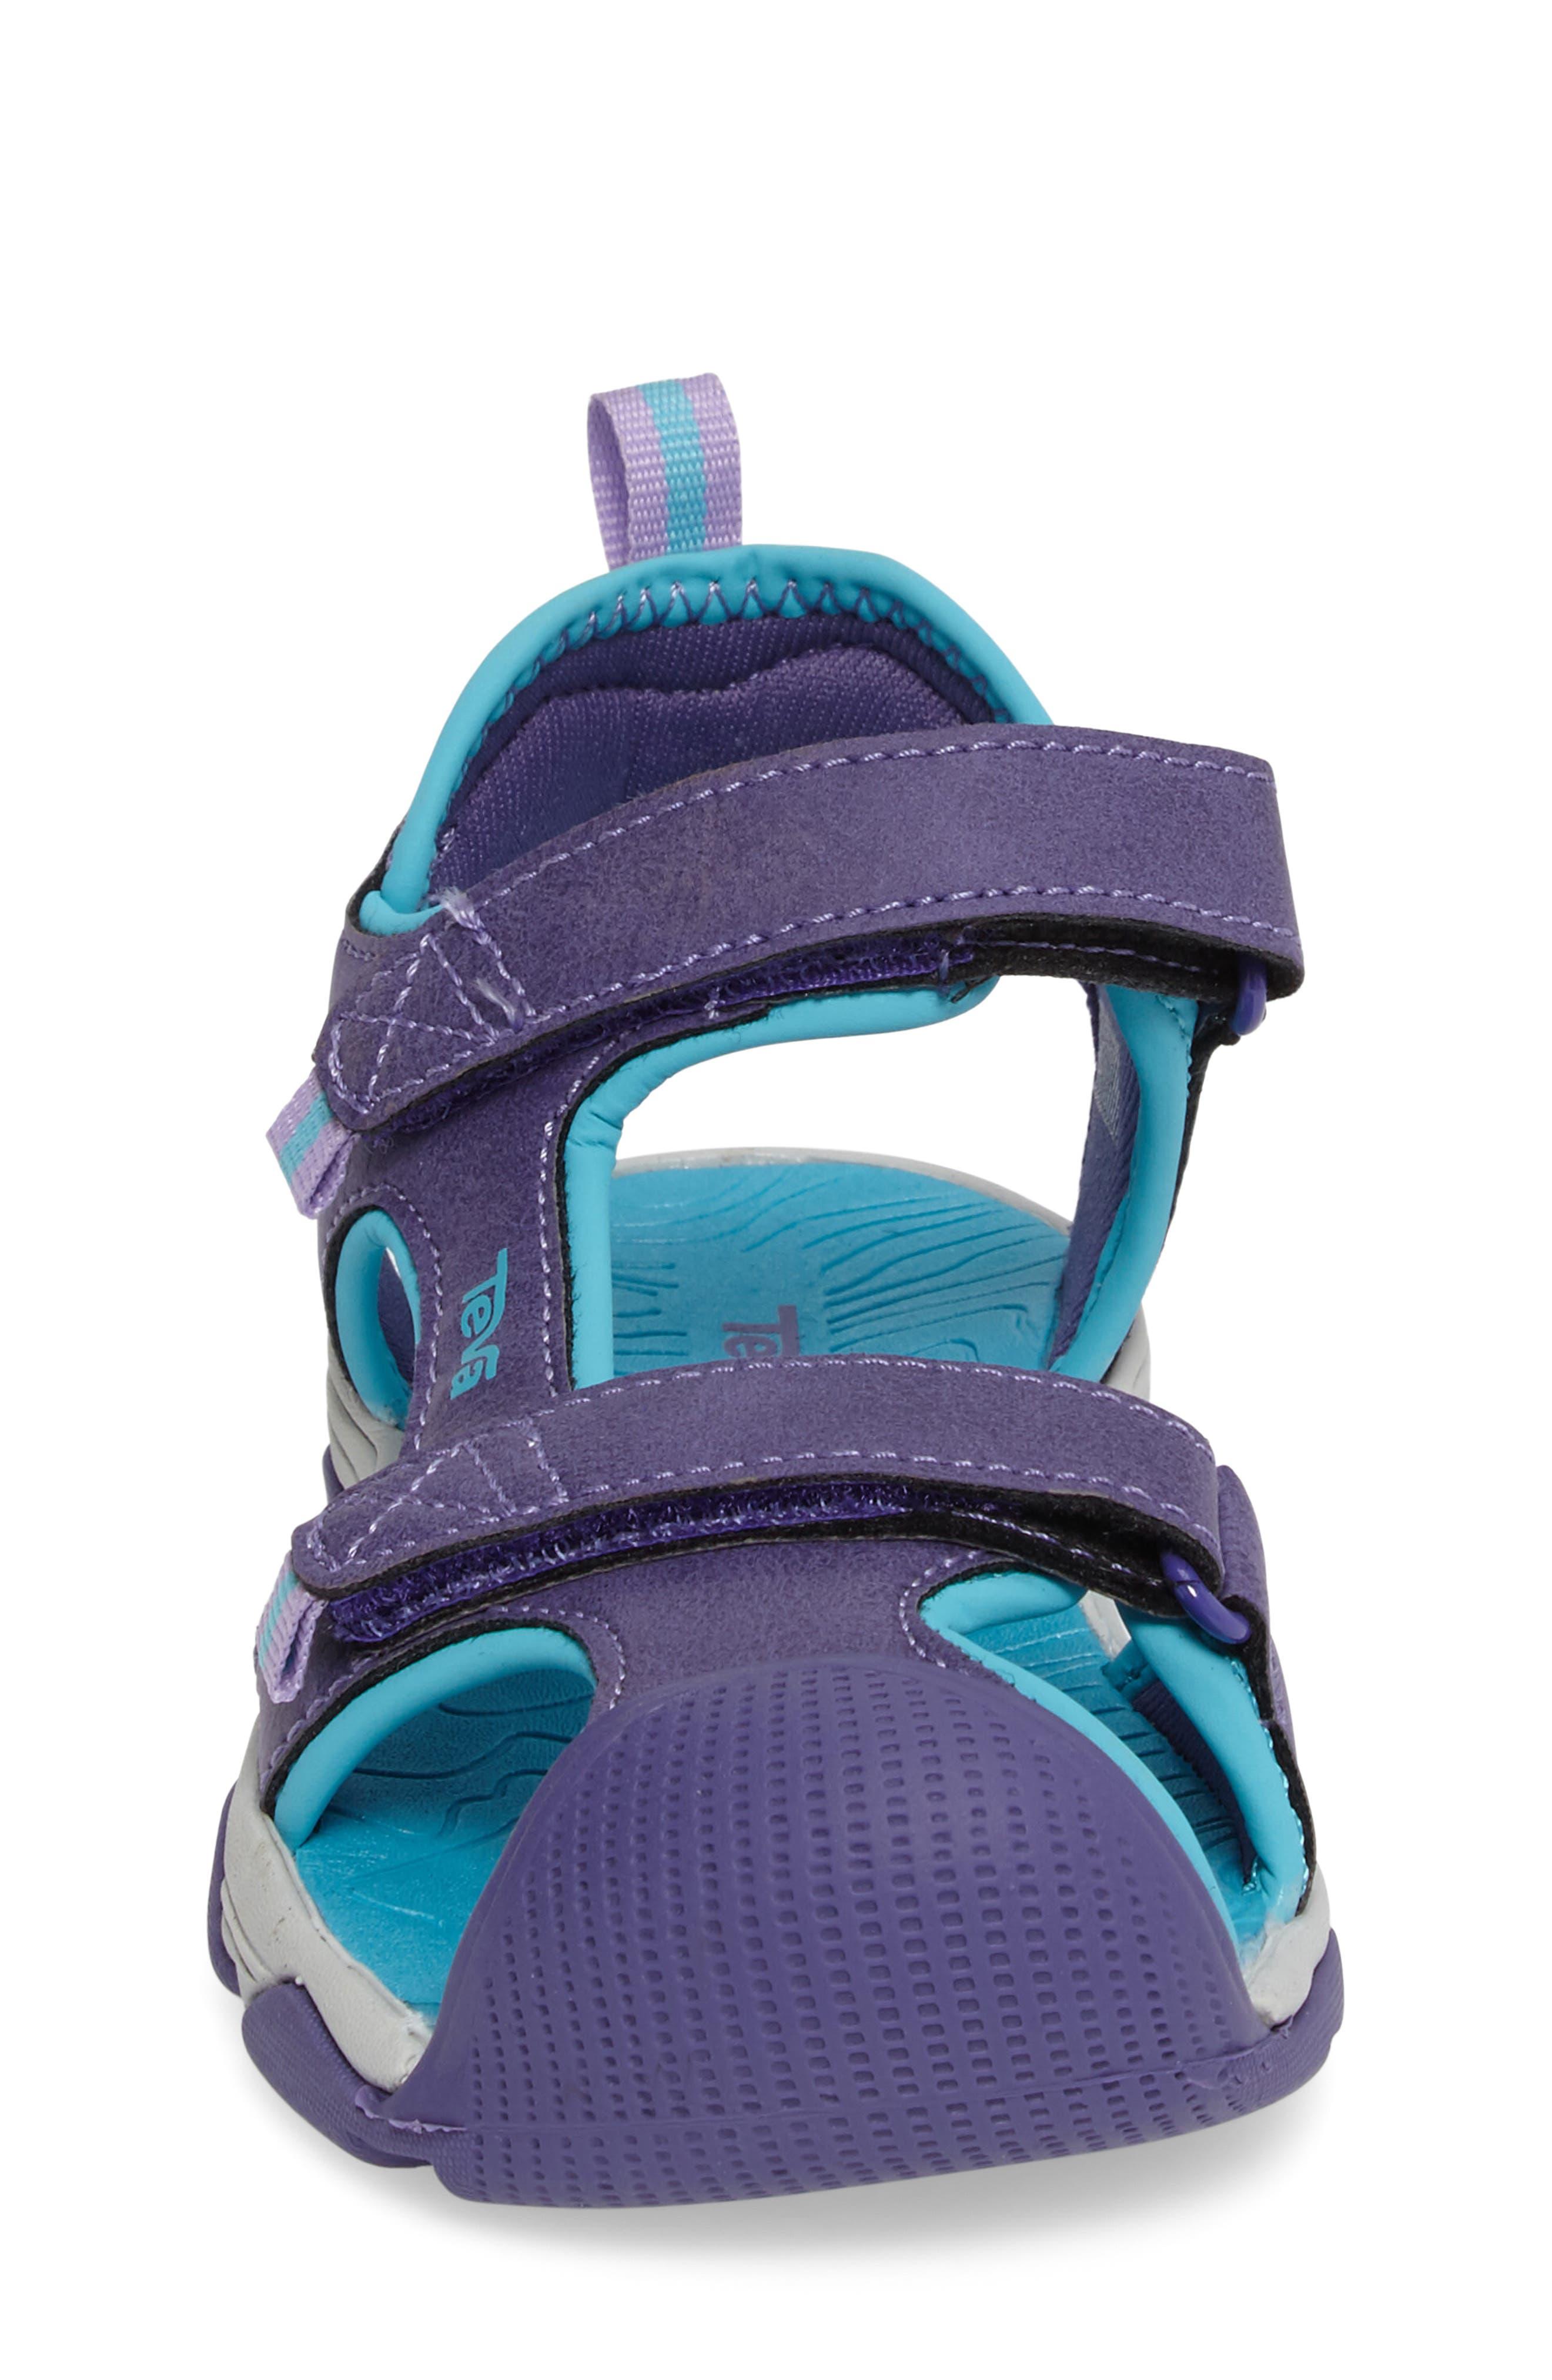 Toachi 4 Sport Sandal,                             Alternate thumbnail 4, color,